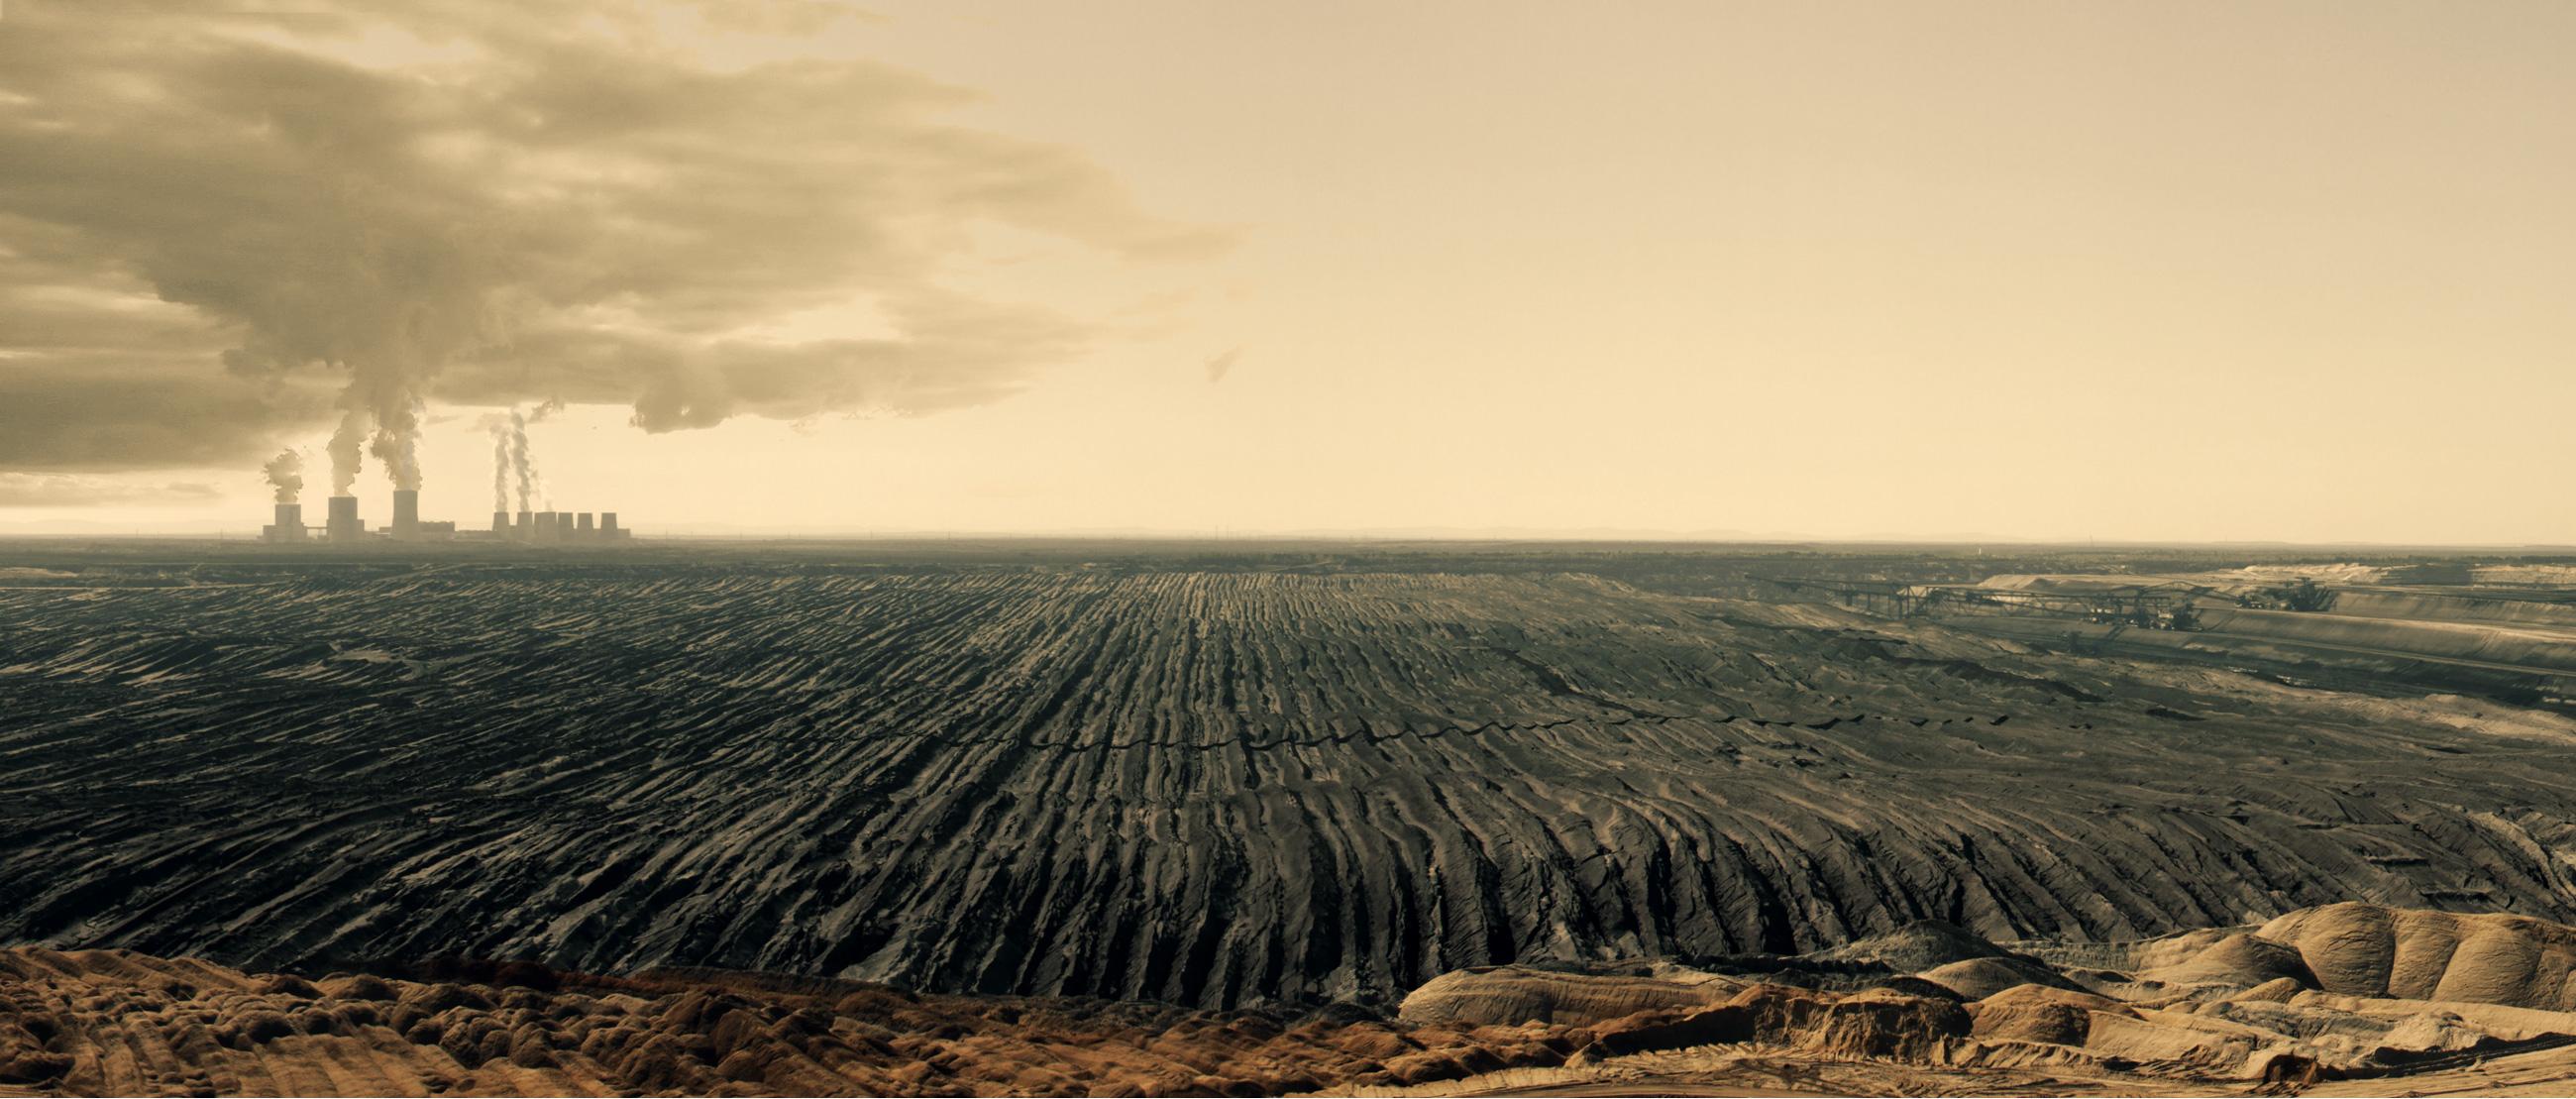 Blühende Landschaften seh' ich nicht <br>  <span id='sec-title'>Der tiefe Spalt</span>